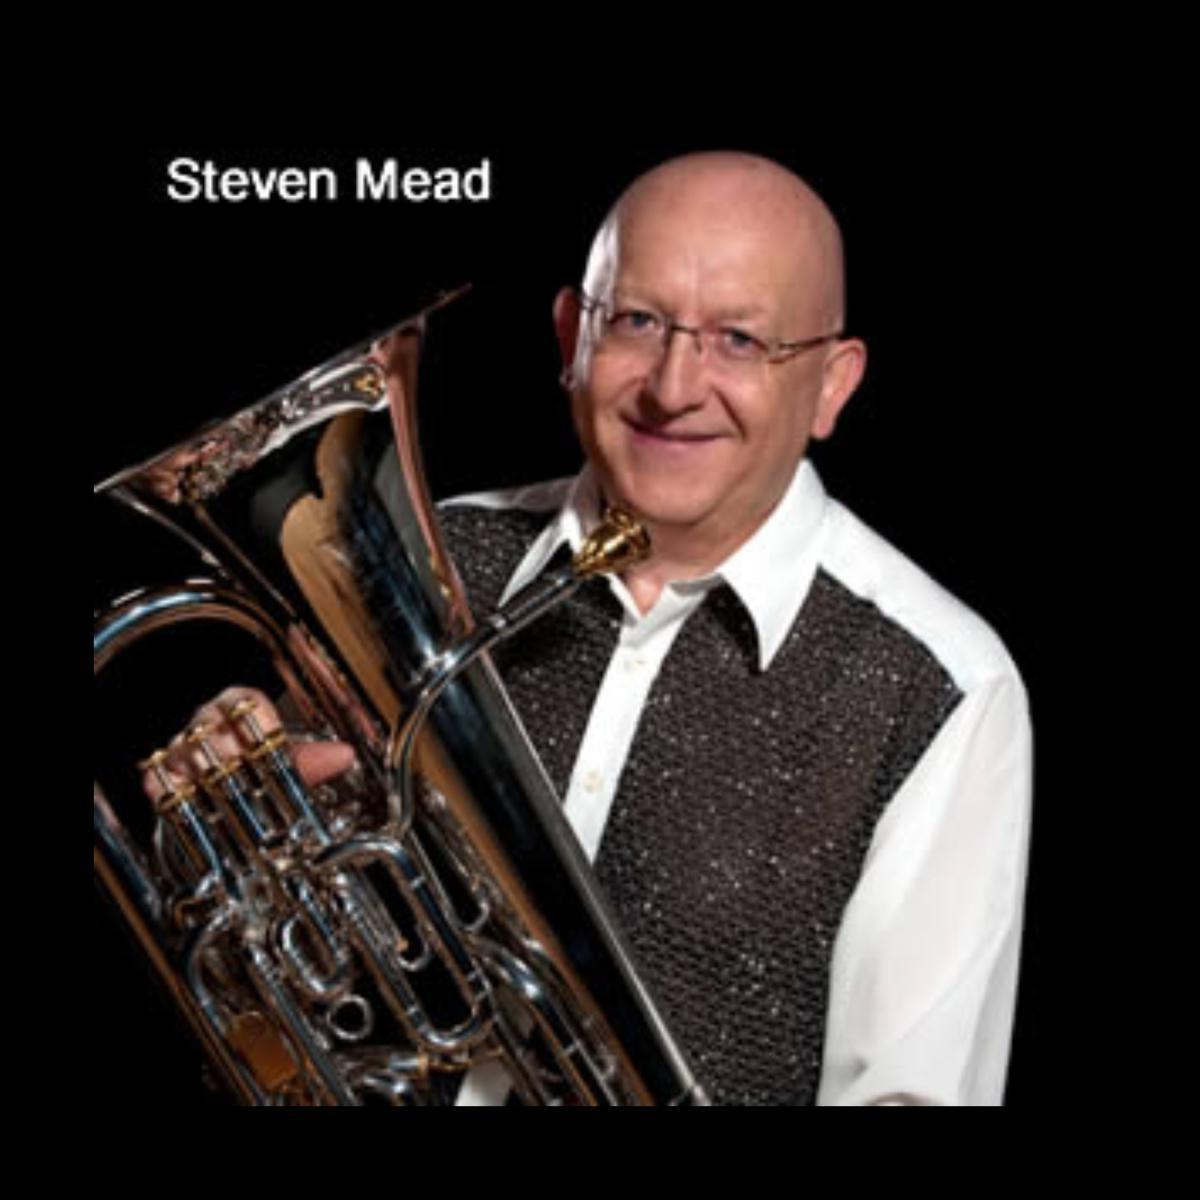 Steven Mead